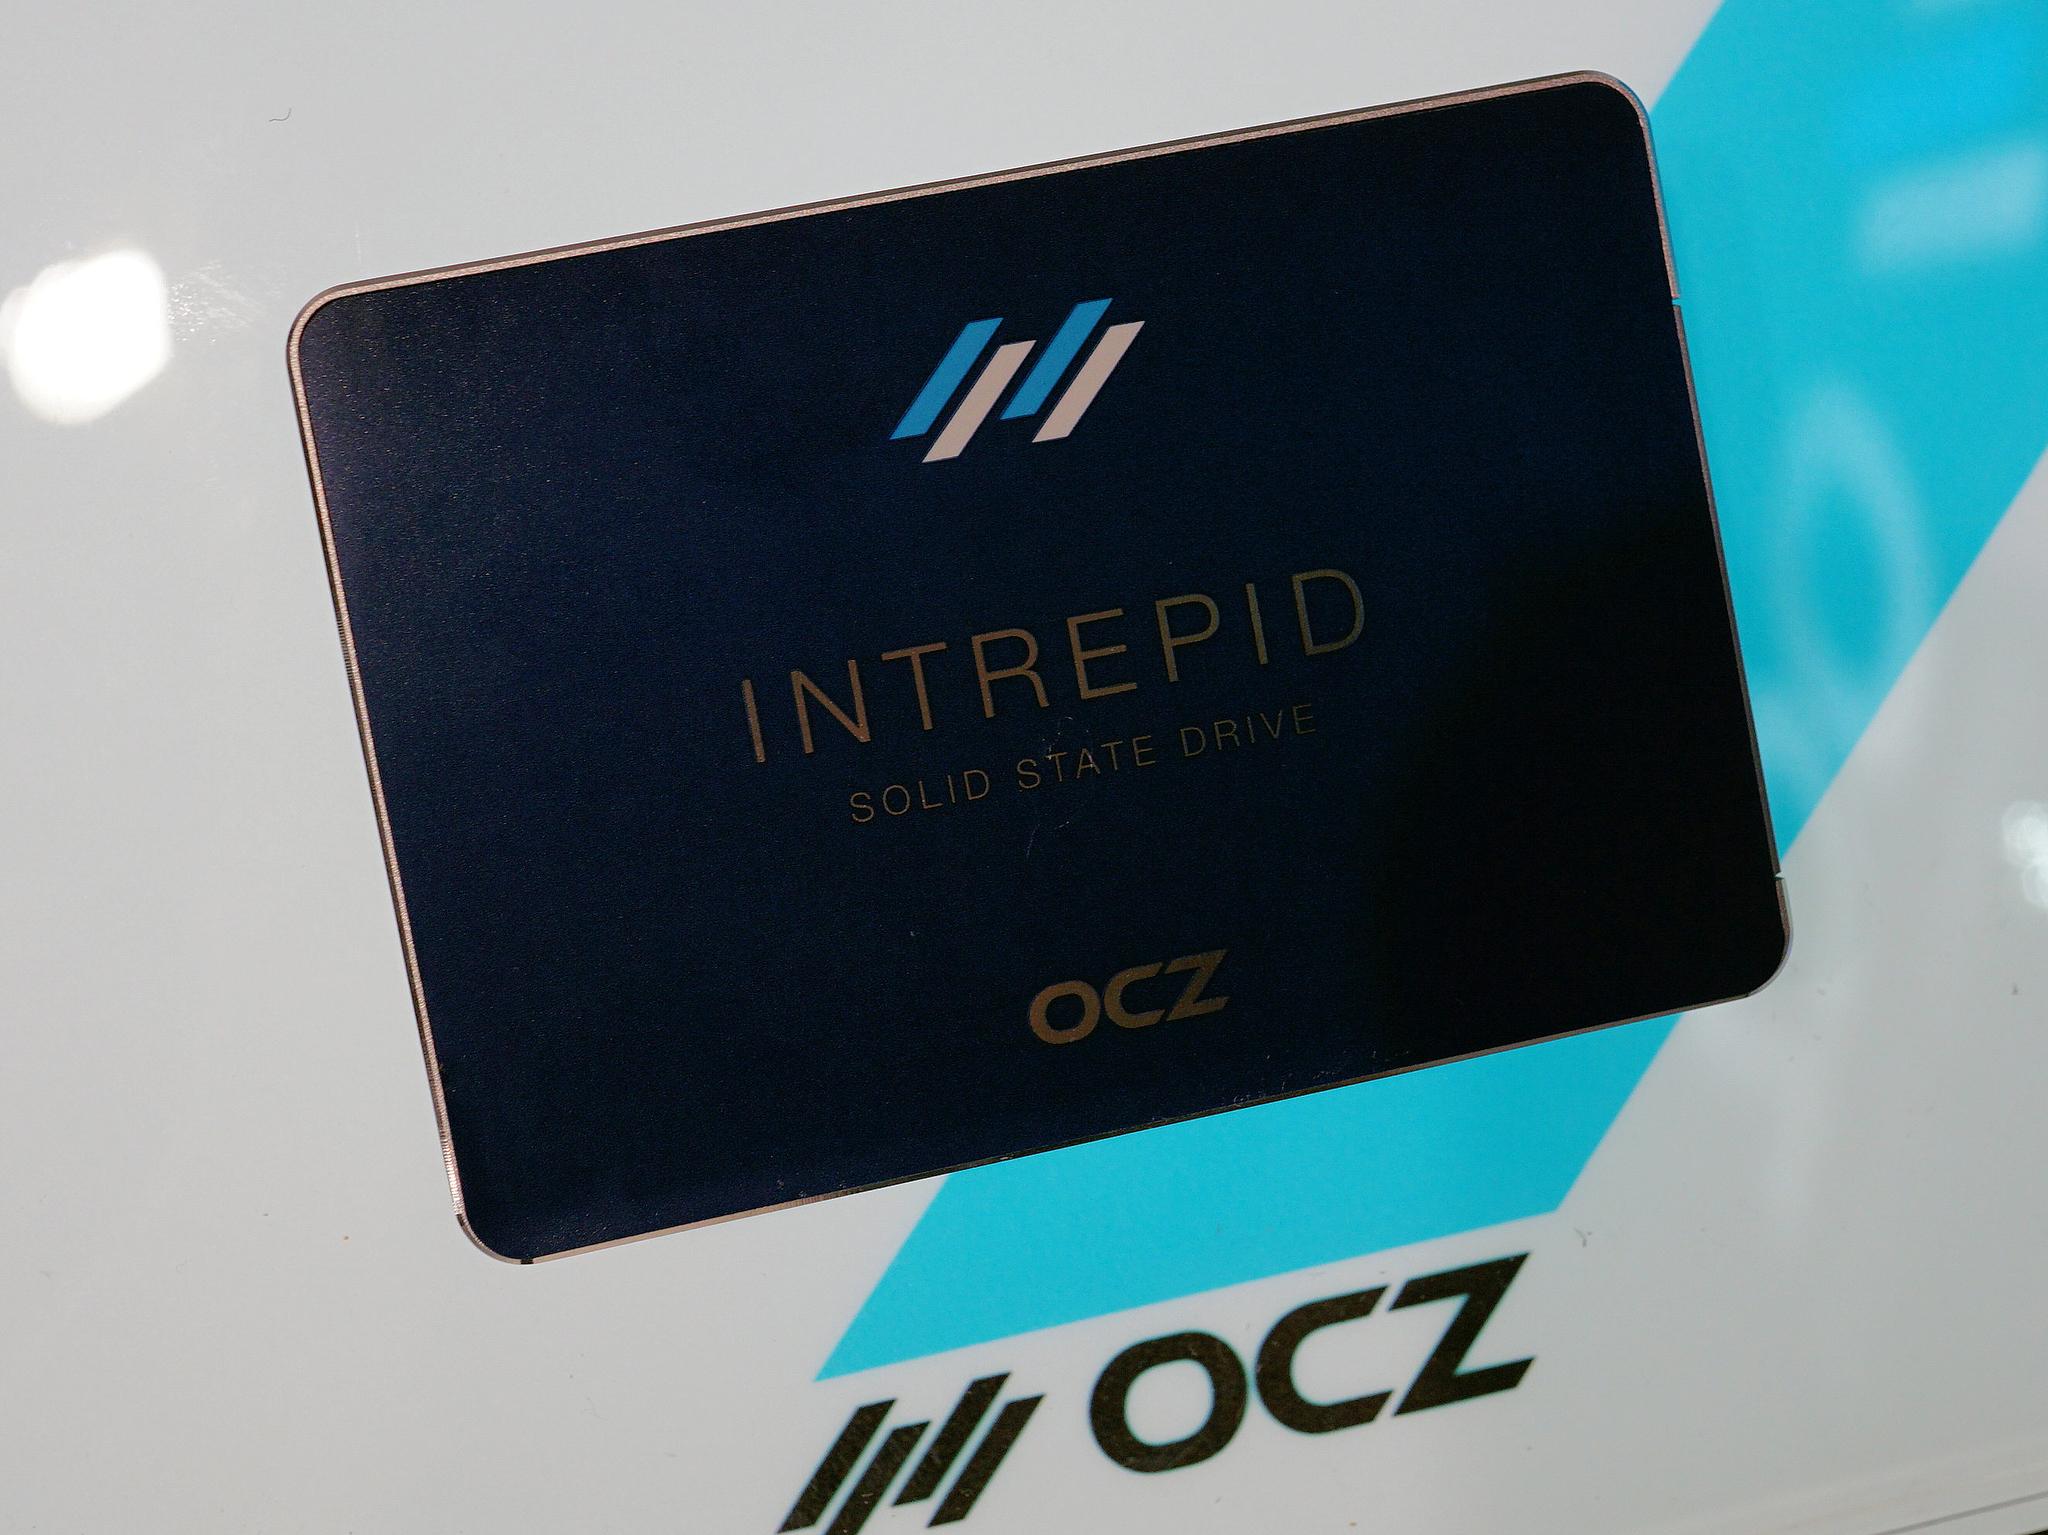 Serial ATA接続で2.5インチの「Intrepid 3000」シリーズ。エンタープライズ向けでも、高性能・高信頼を求めるニーズと、コストを求めるニーズが分かれ、後者に向けて展開される製品(もちろん信頼性はコンシューマ向けモデルより上となる)